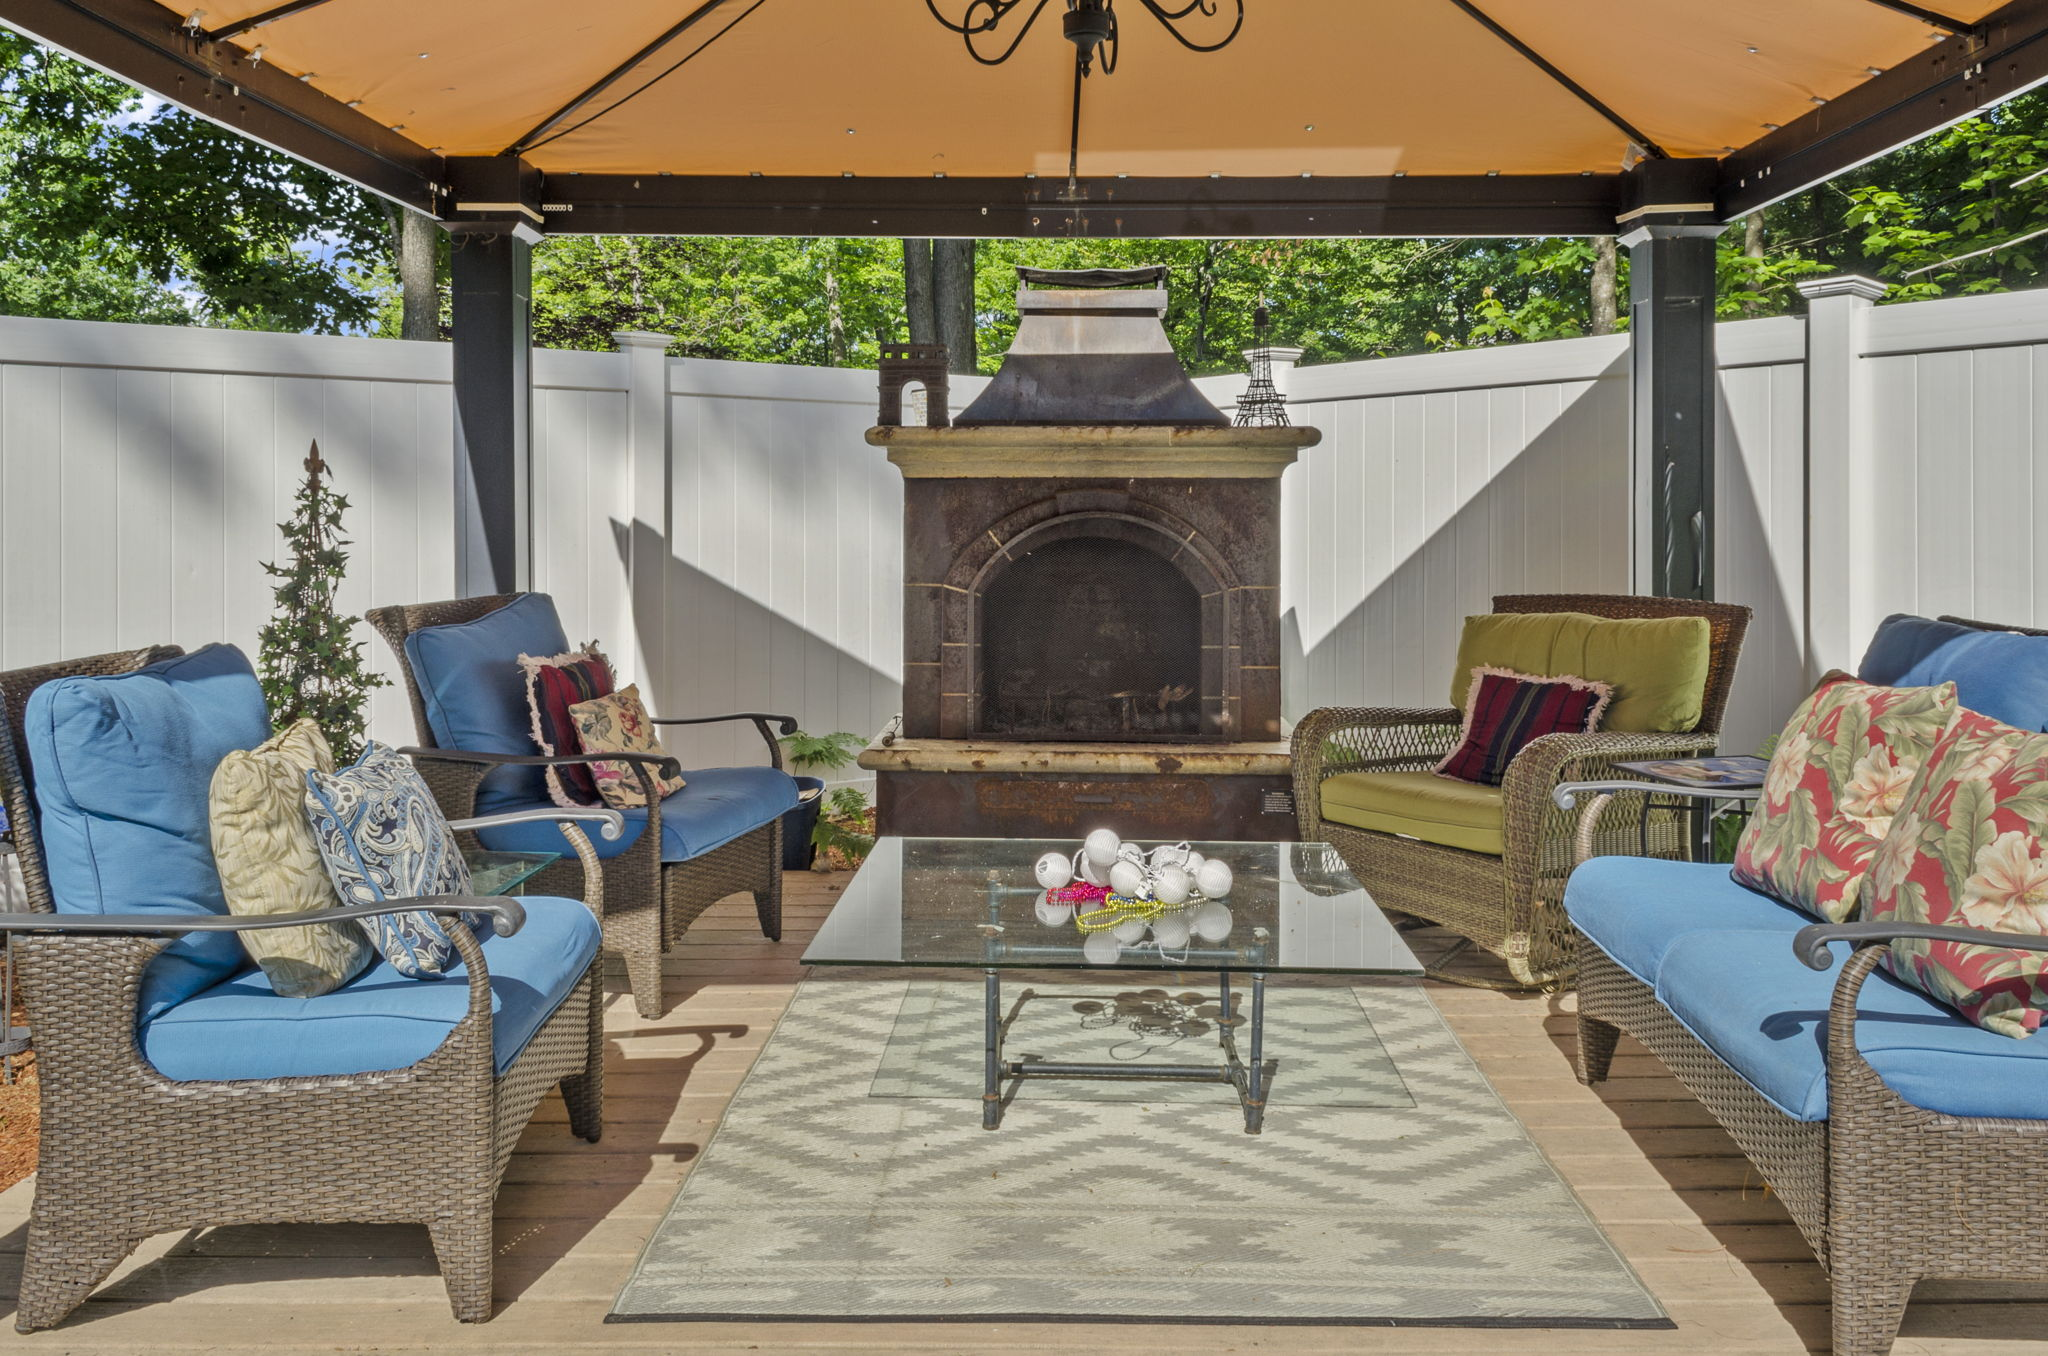 Exterior - Pool & Backyard (6)